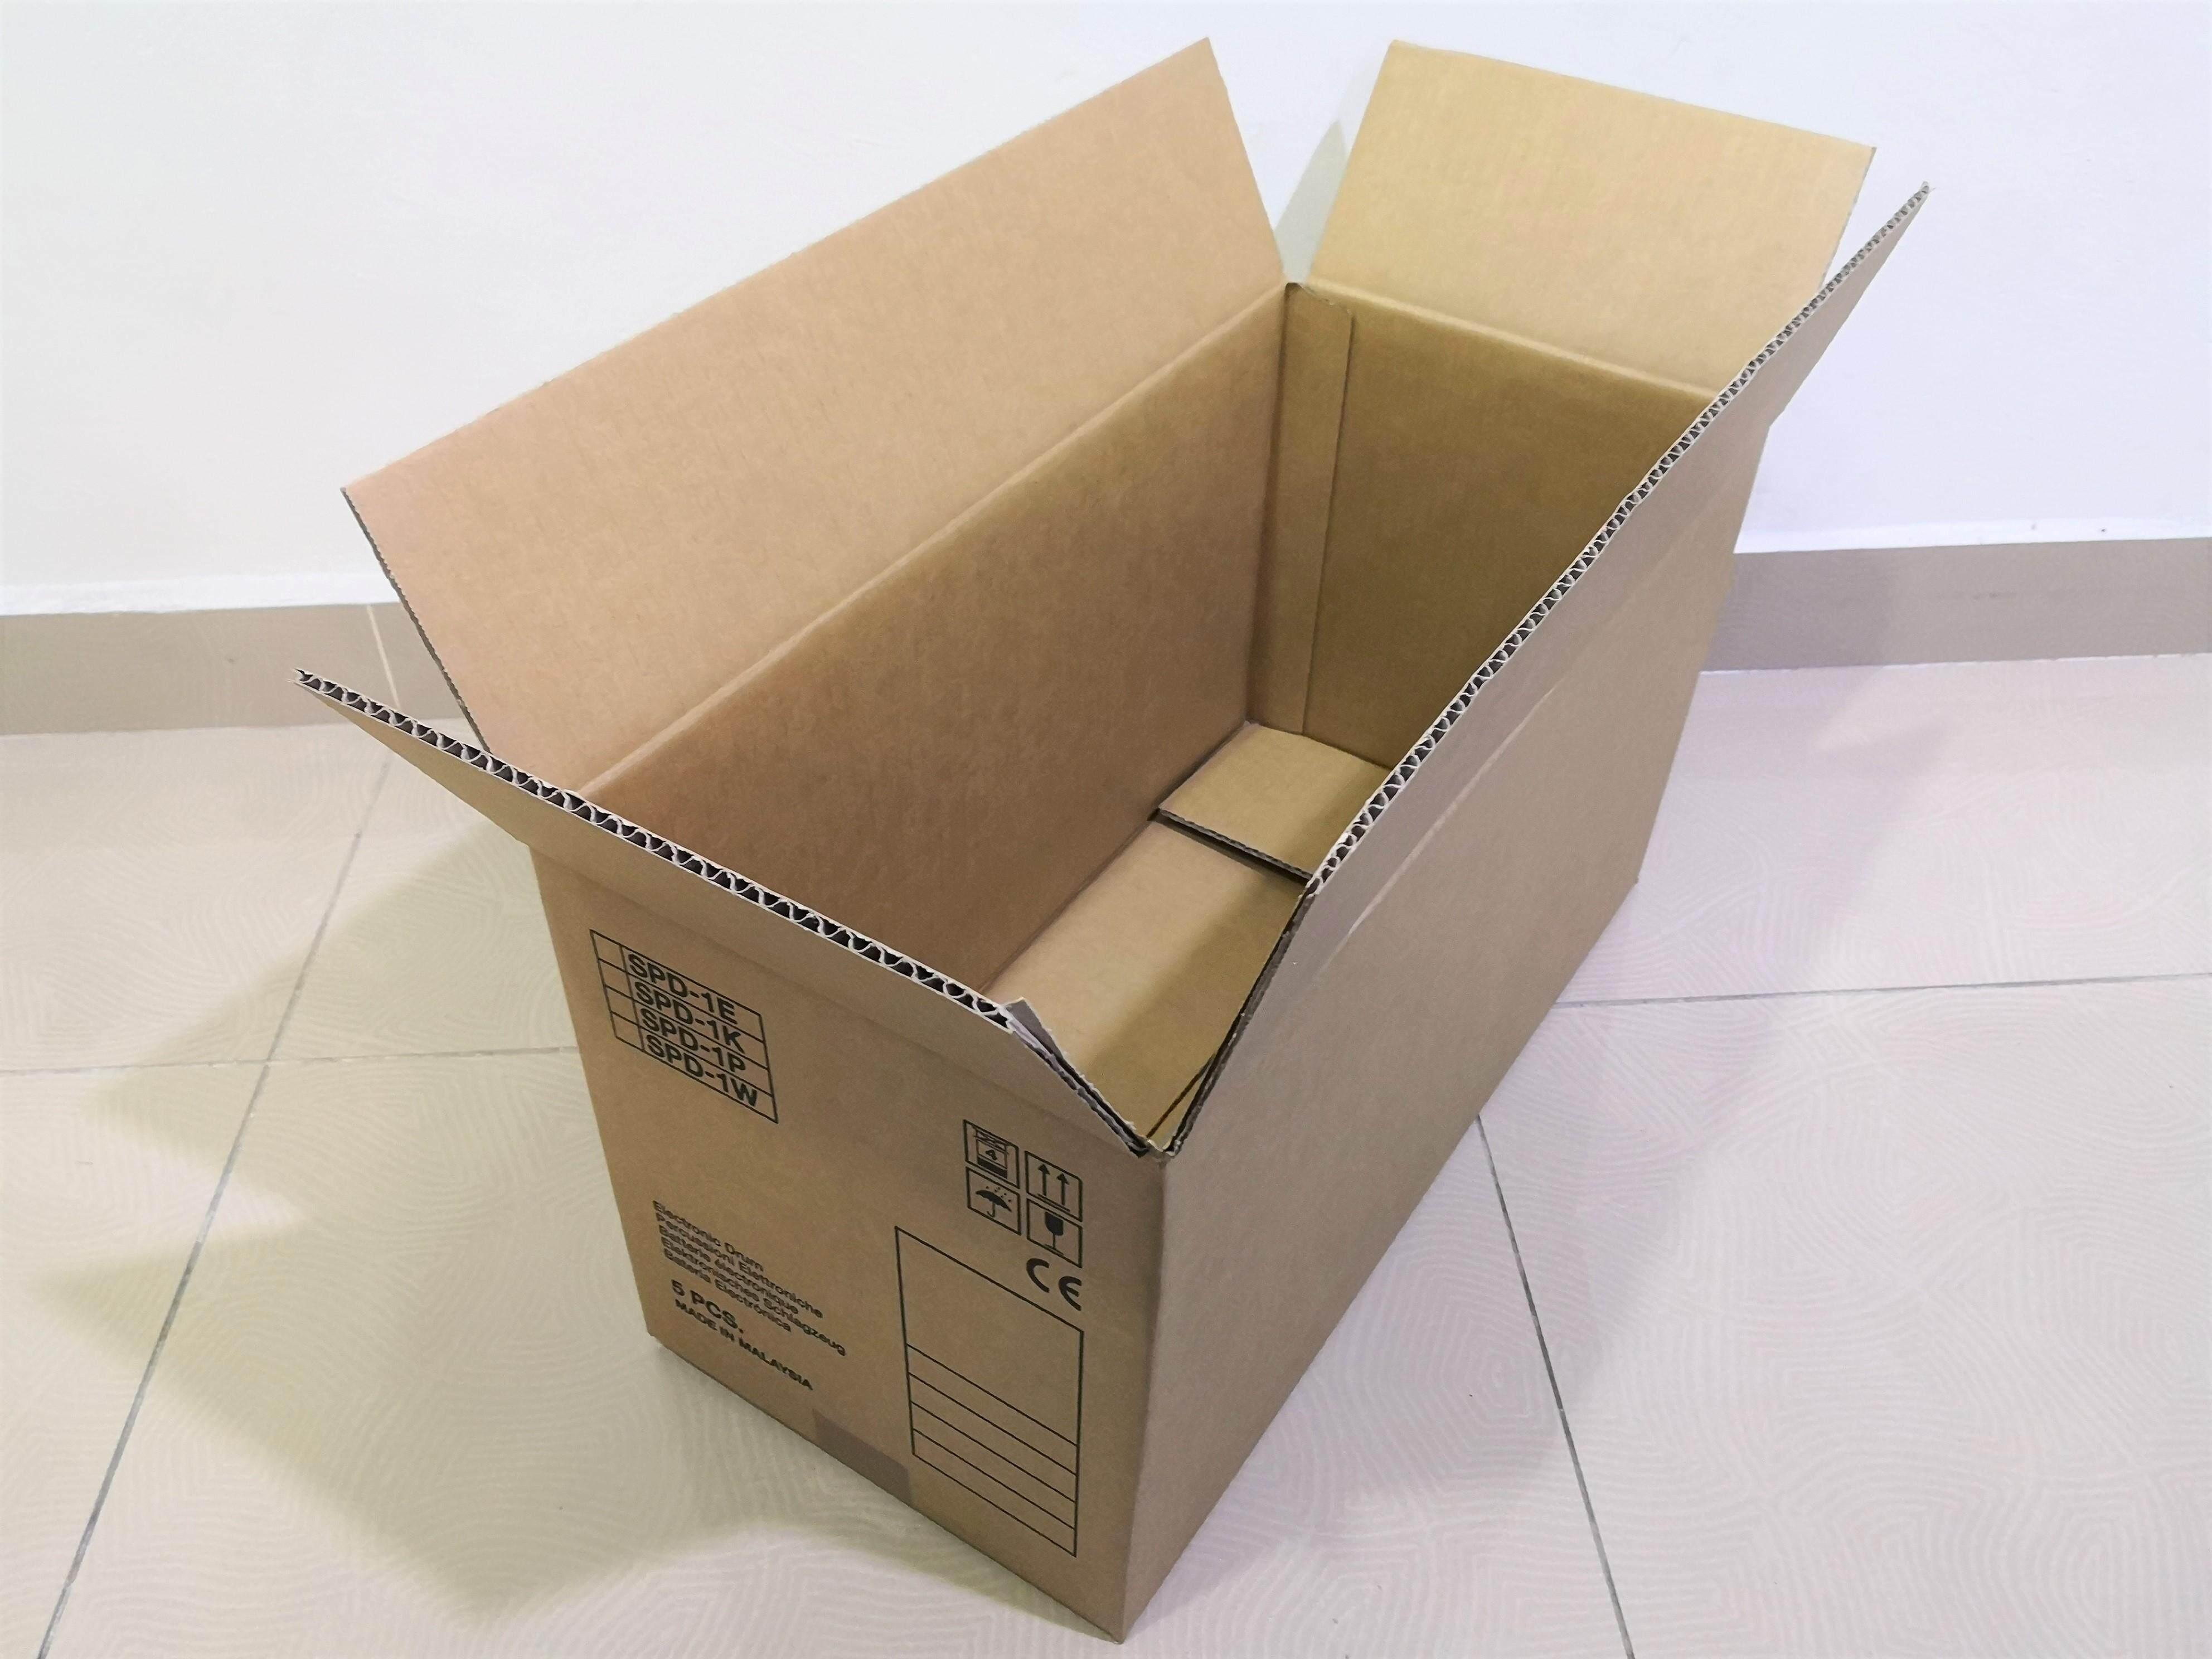 10pcs Printed Carton Boxes (L527 x W244 x H284mm)